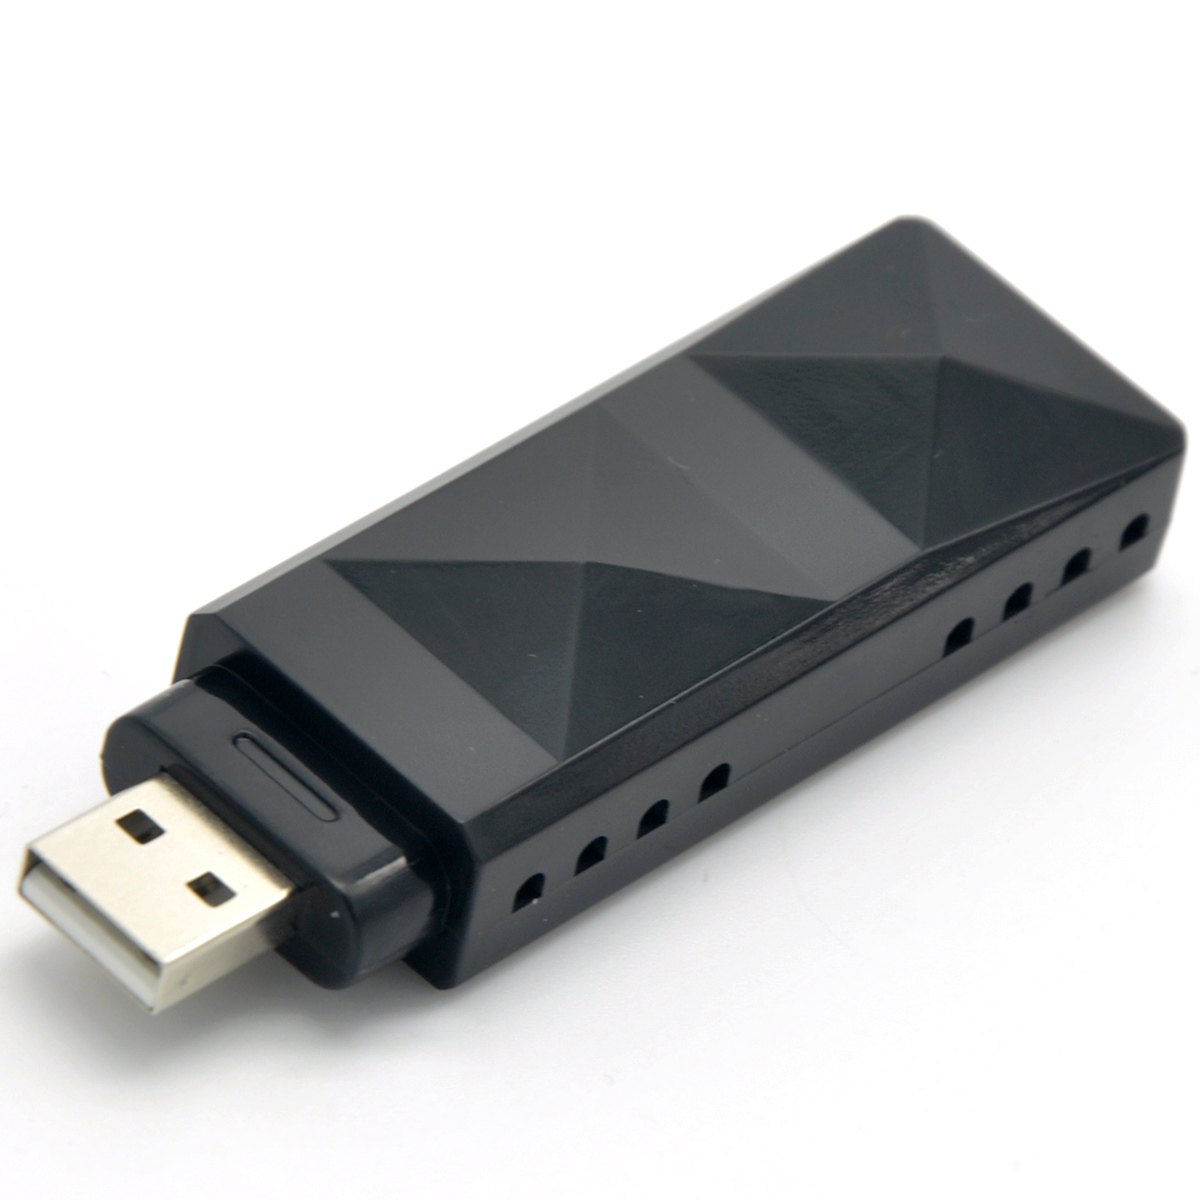 USB WiFi Adapter-MiniHere